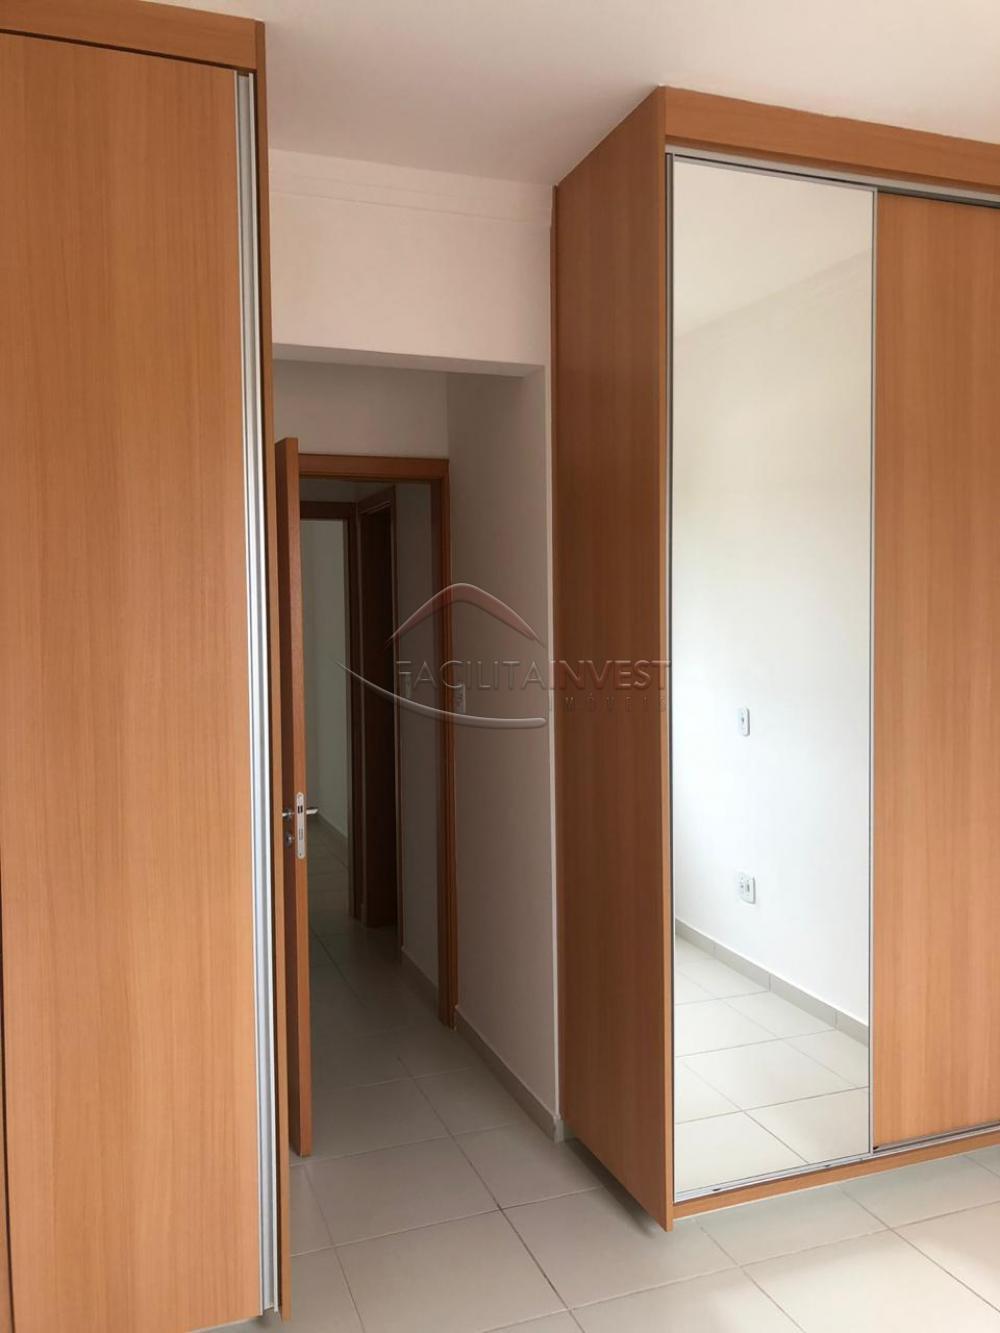 Alugar Apartamentos / Apart. Padrão em Ribeirão Preto apenas R$ 980,00 - Foto 9